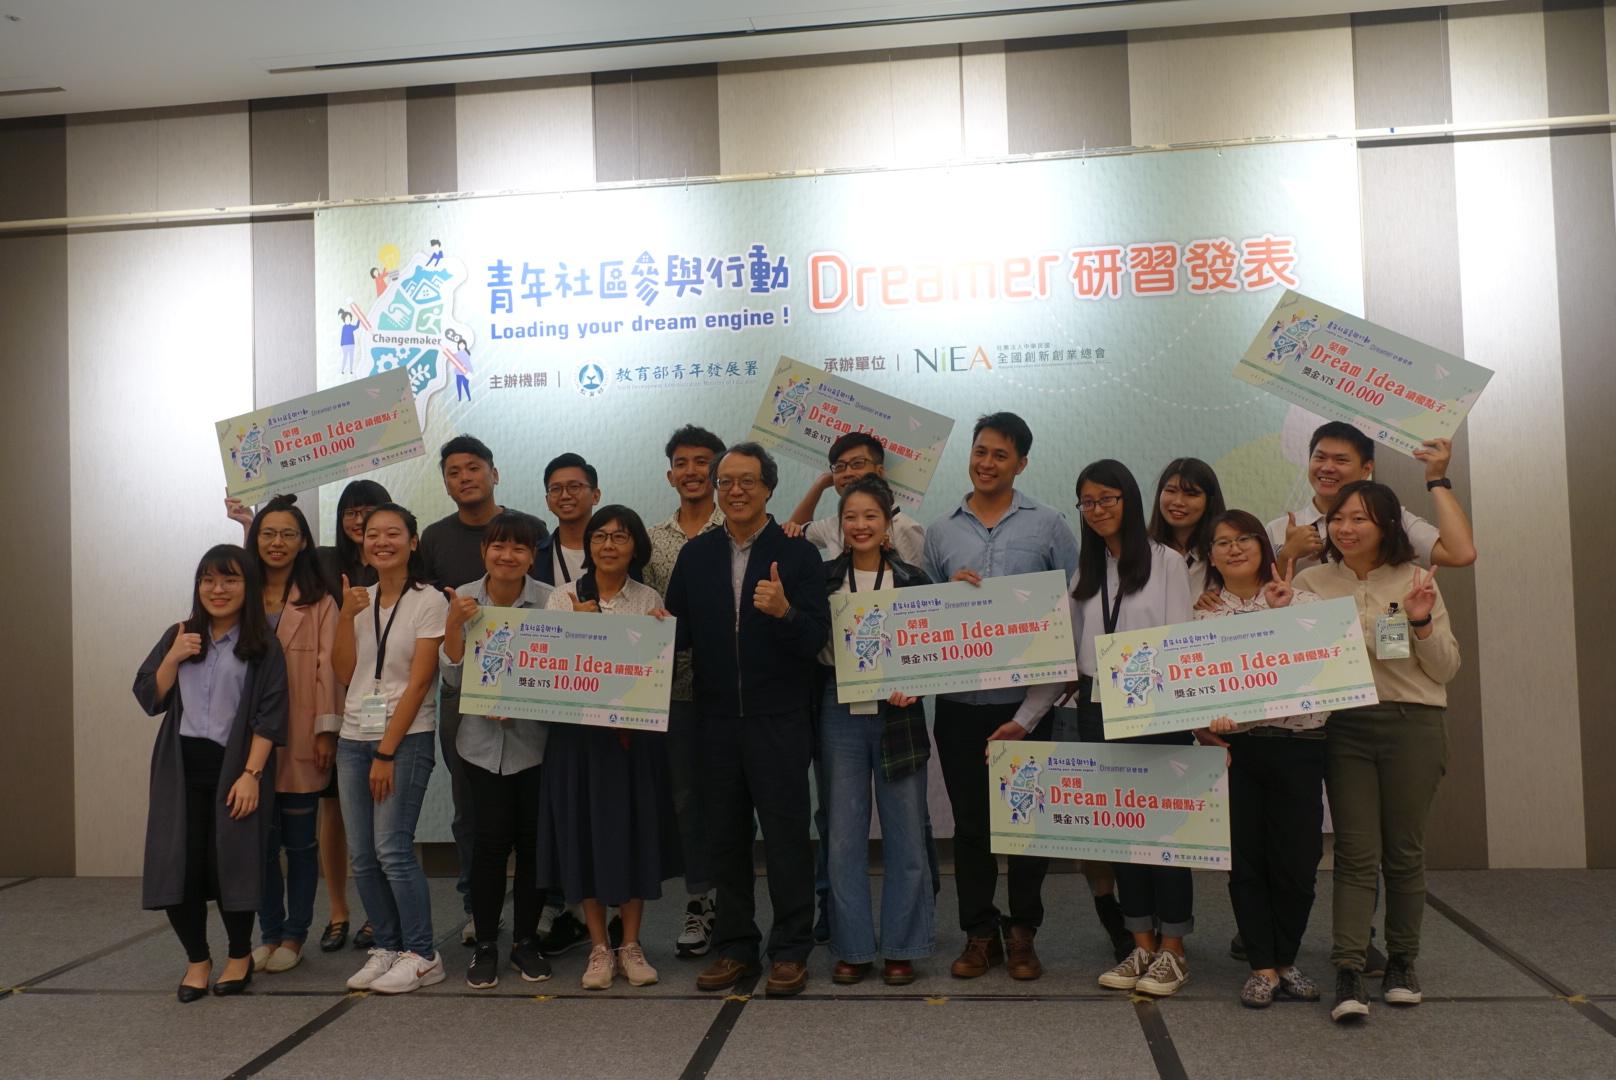 (圖ㄧ) 11組得獎者與教育部青年屬屬長共同合照。